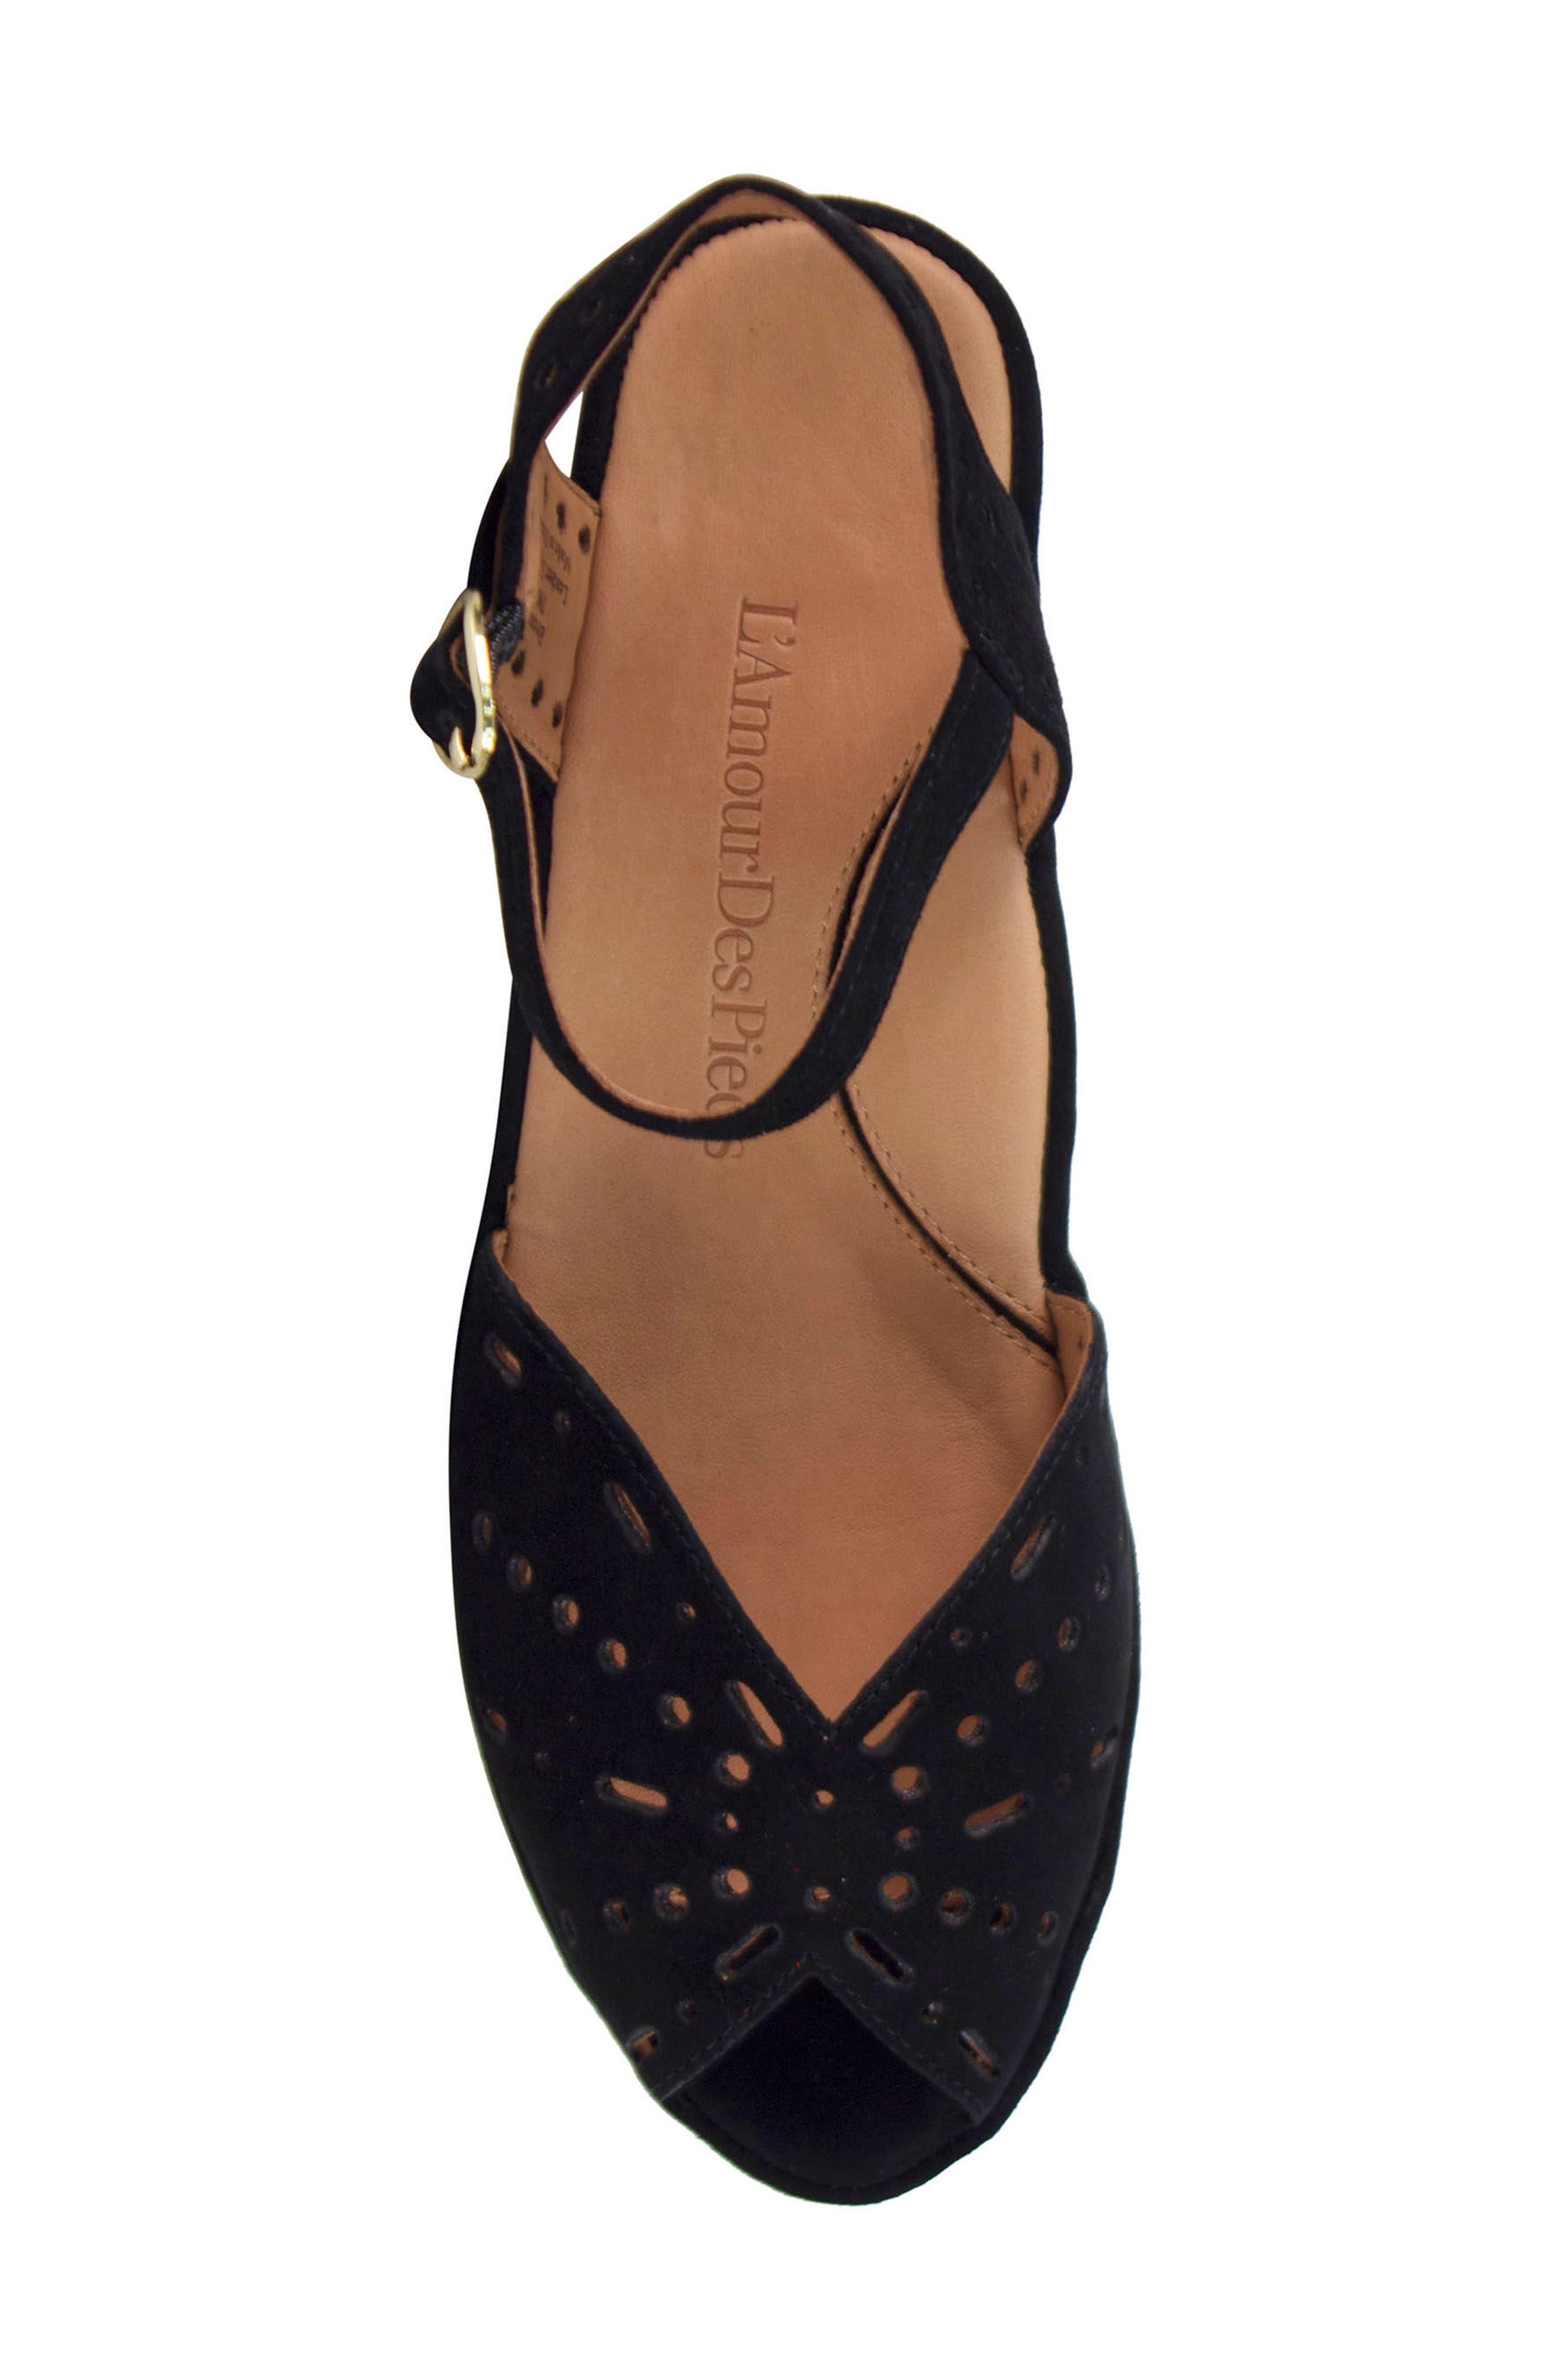 'Brenn' Ankle Strap Sandal,                             Alternate thumbnail 5, color,                             001